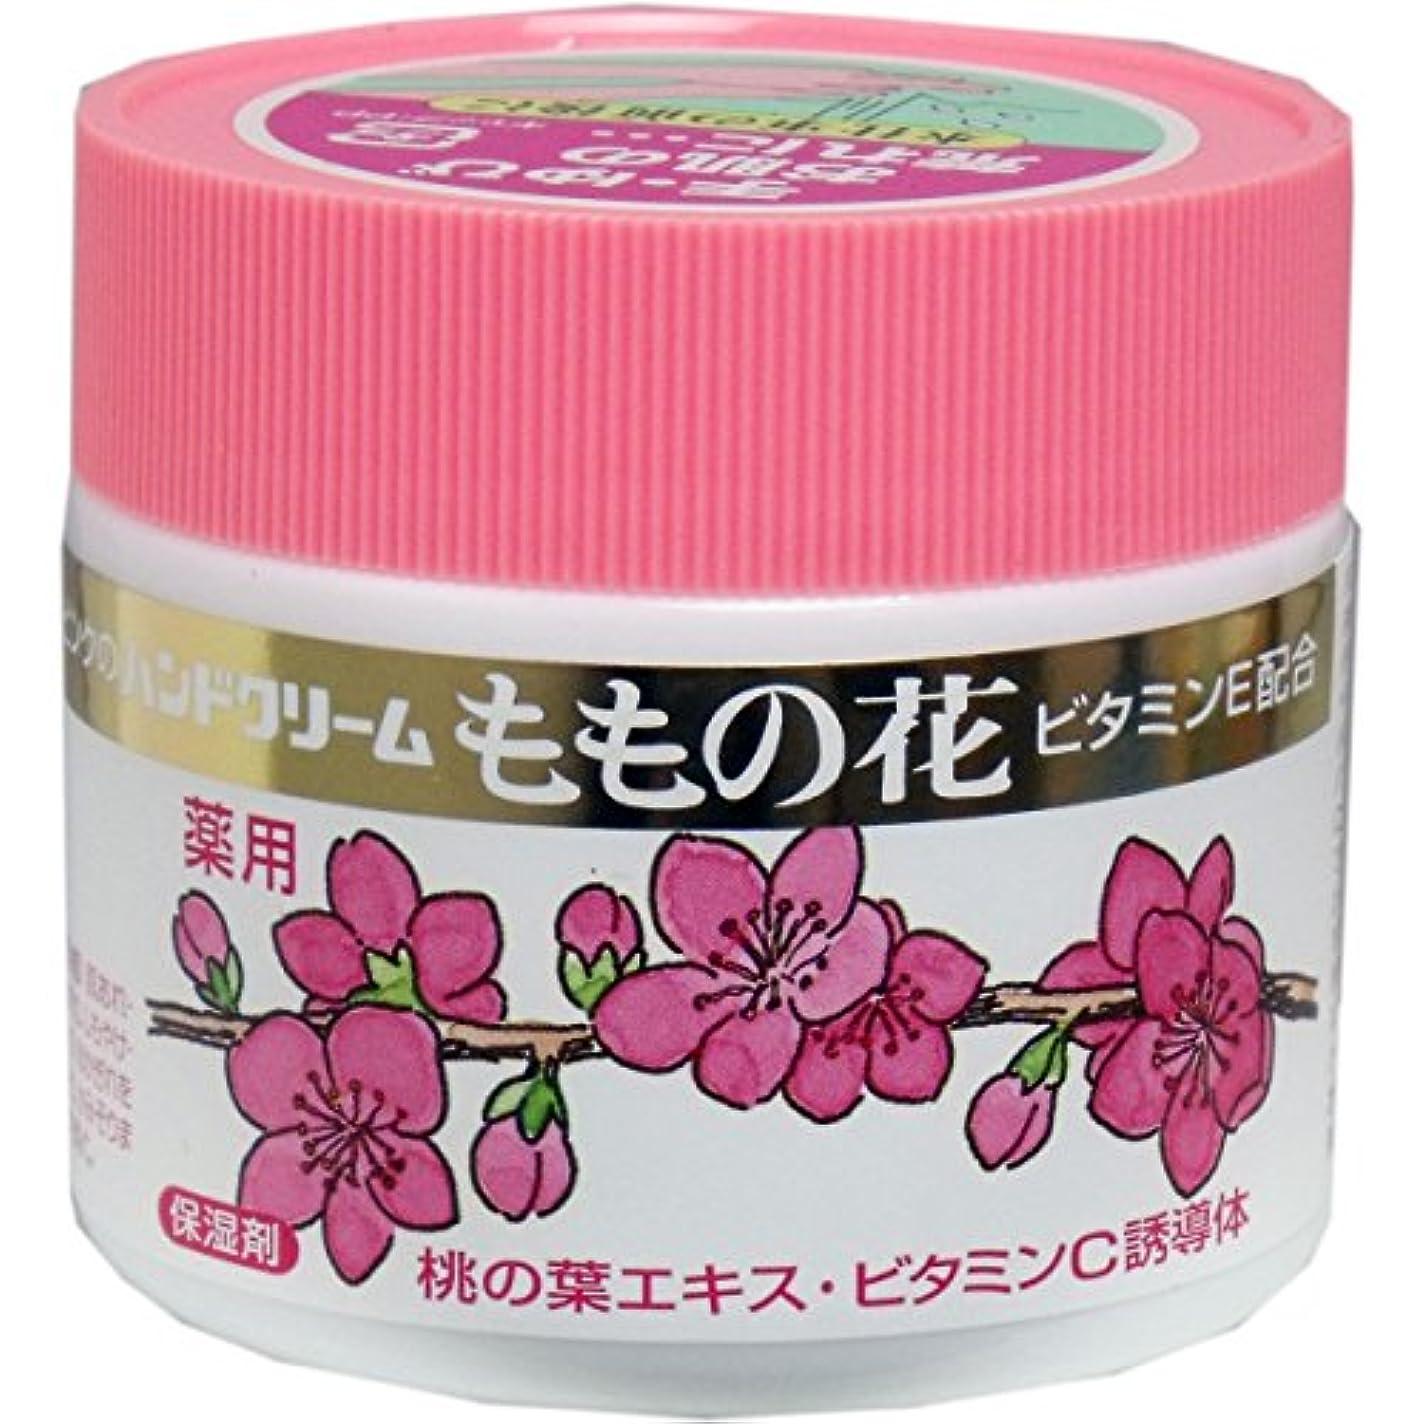 真剣にエッセンスセマフォオリヂナル 薬用ハンドクリーム ももの花